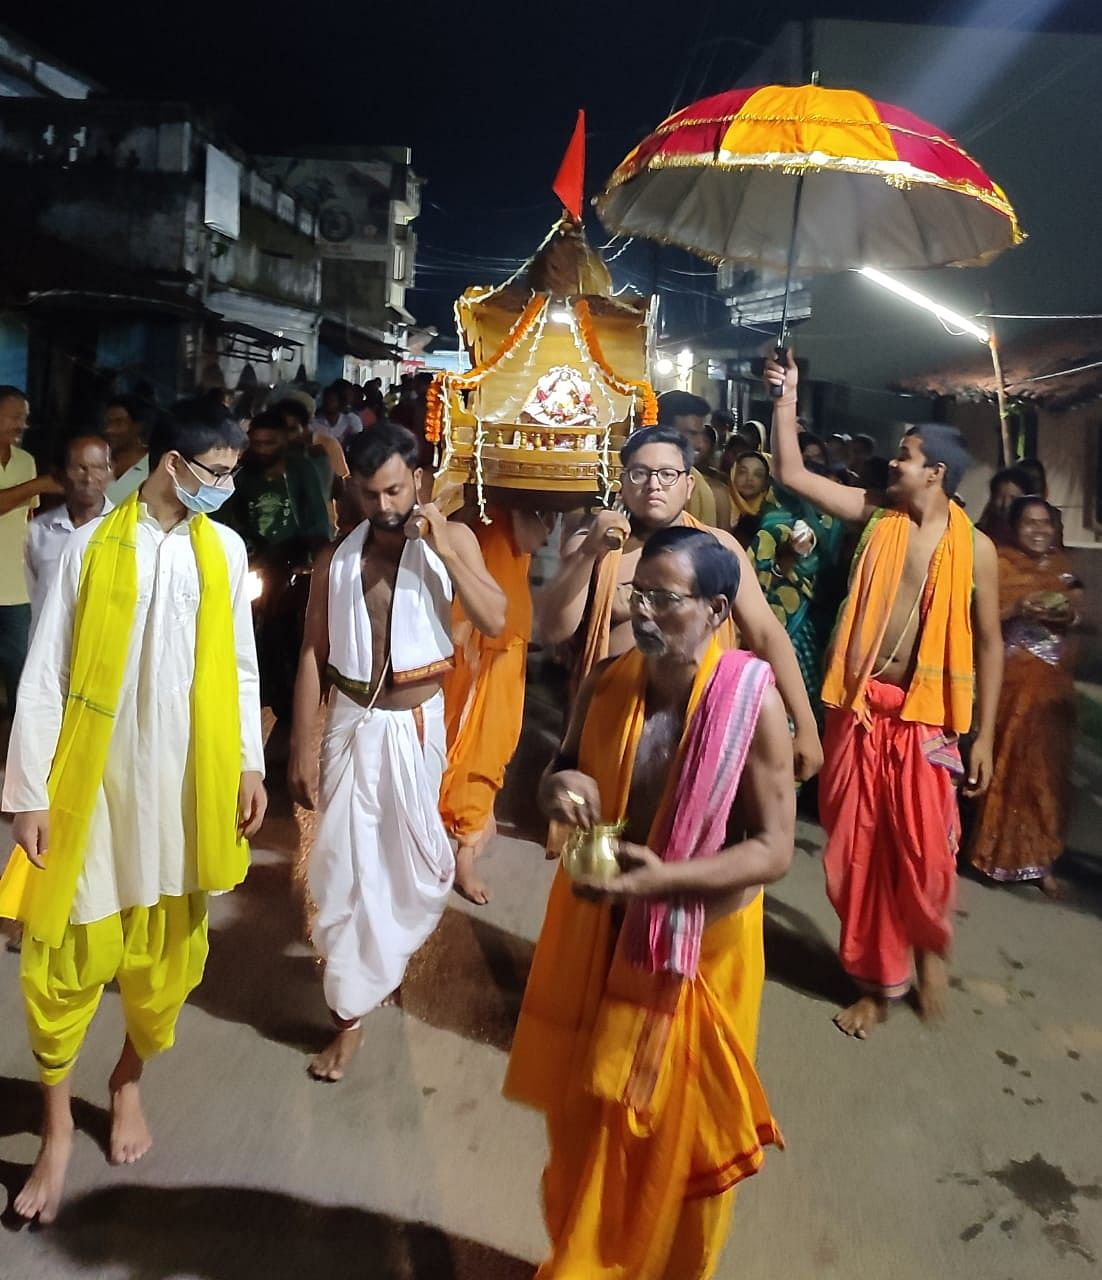 नाराज महालक्ष्मी ने तोड़ा प्रभु जगन्नाथ का रथ, ओडिशा की तर्ज पर सरायकेला में निभायी गयी रथ भंगिनी परंपरा